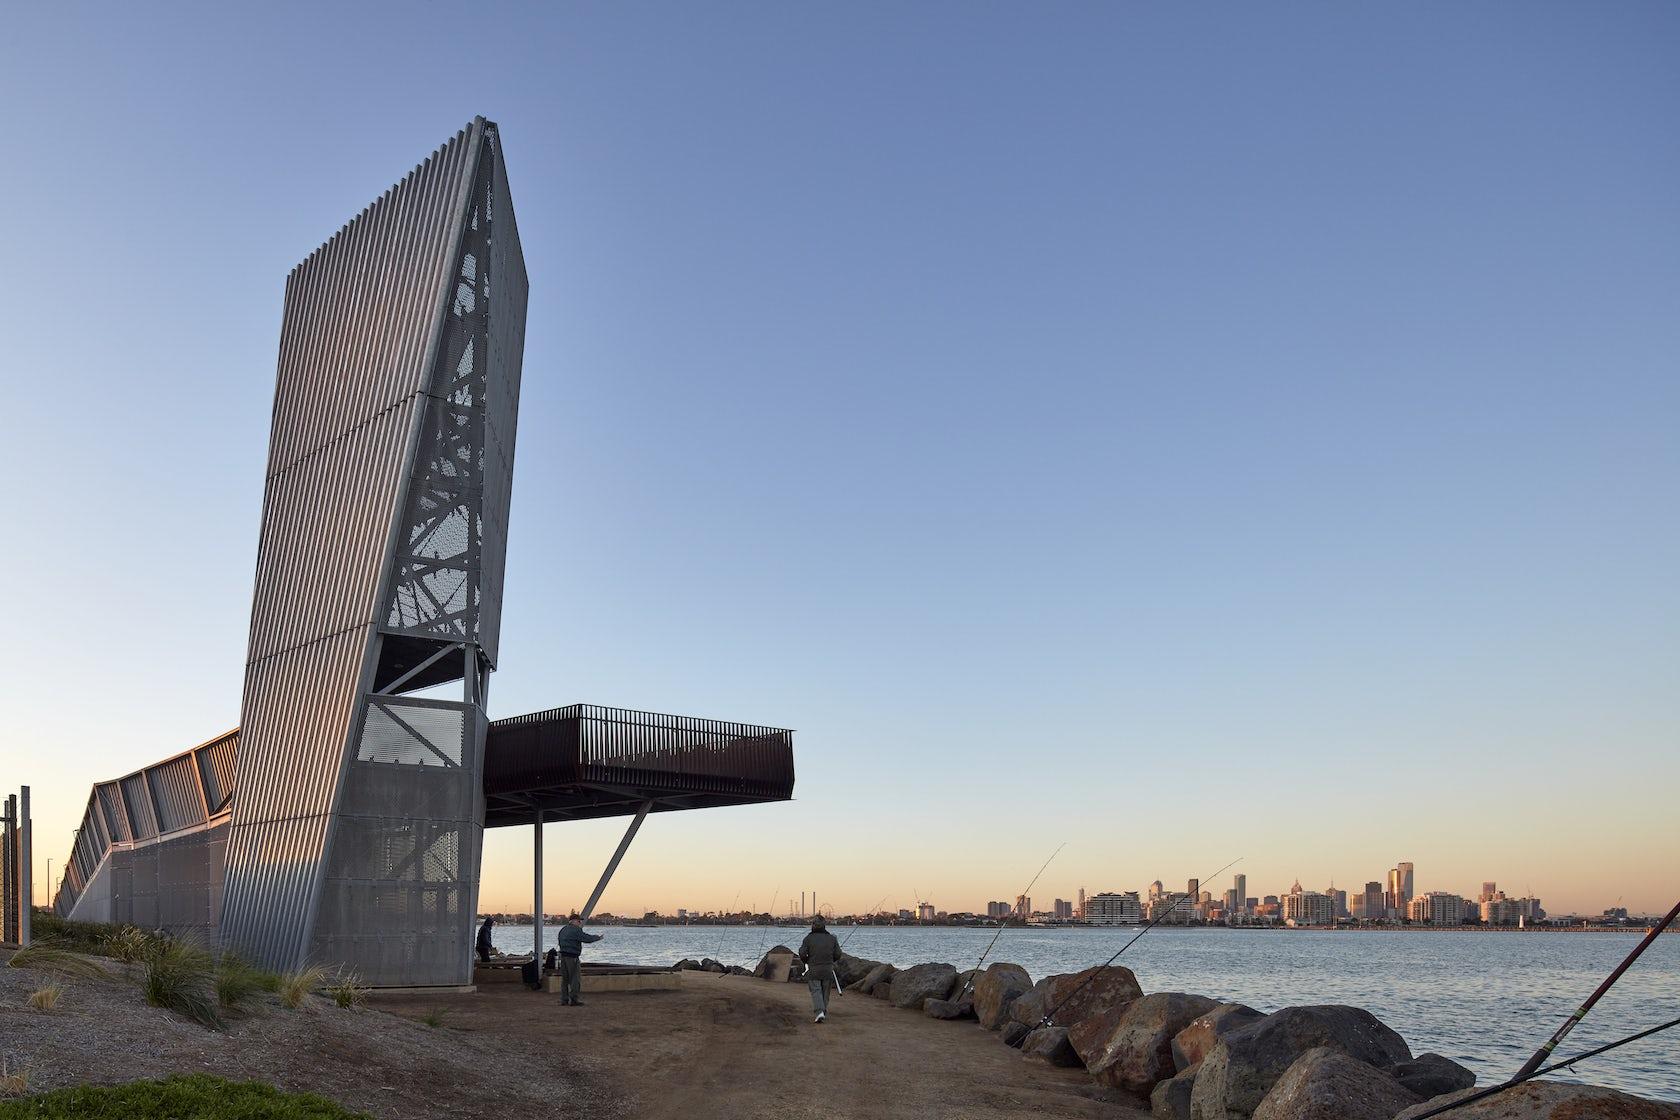 Bridge Street Auto >> Sandridge Lookout - Architizer